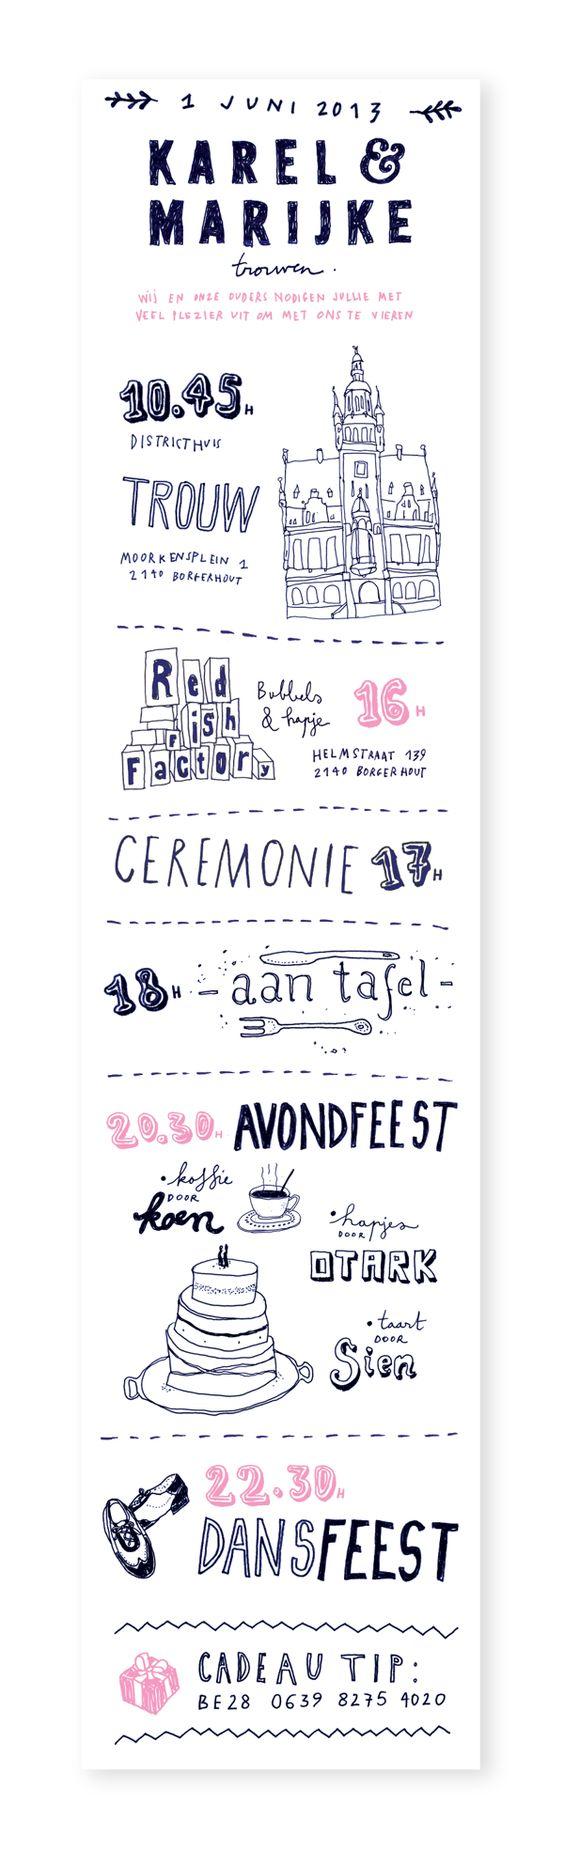 Wedding Invitation Karel and Marijke by Anne Manteleers, via Behance